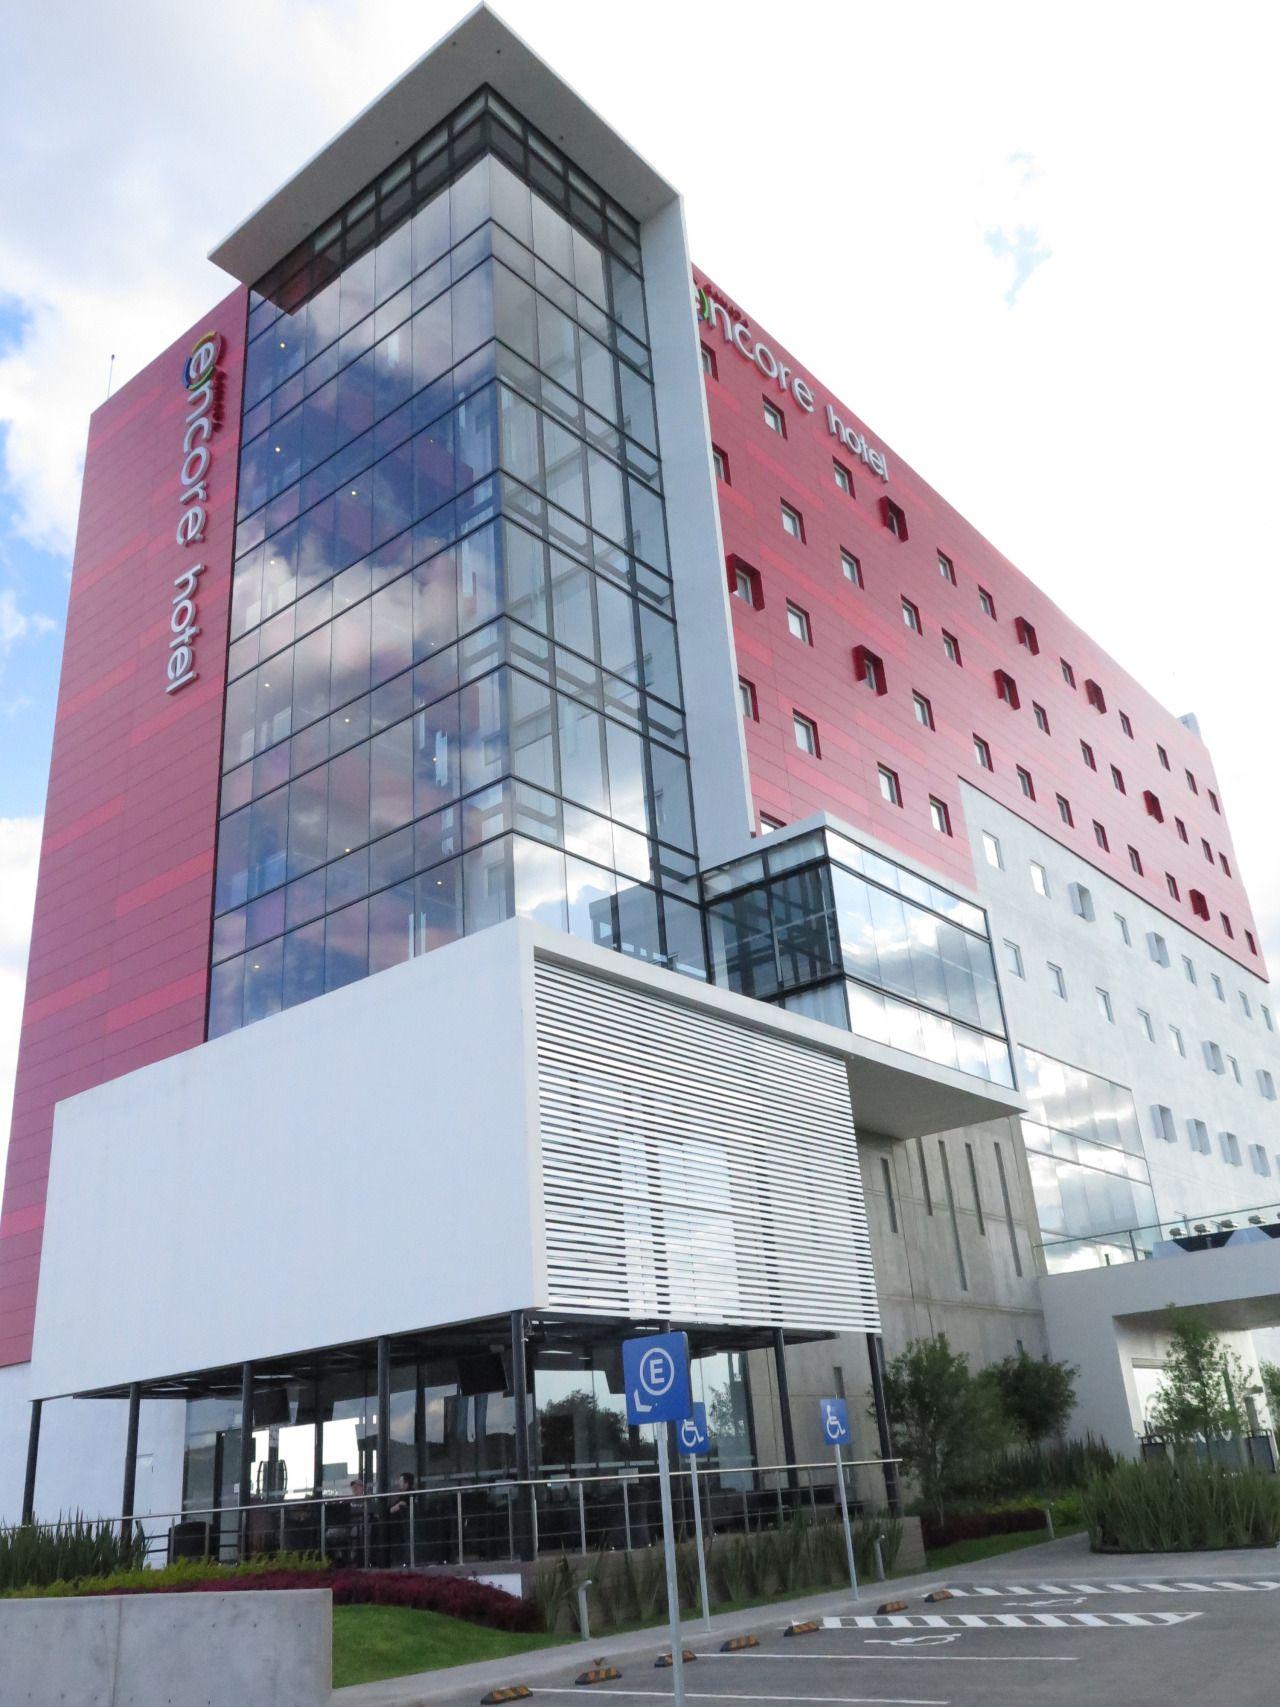 Hotel Encore Querétaro.  Diseño Arq. Miguel Echauri y Arq. Álvaro Morales.  www.echaurimorales.com